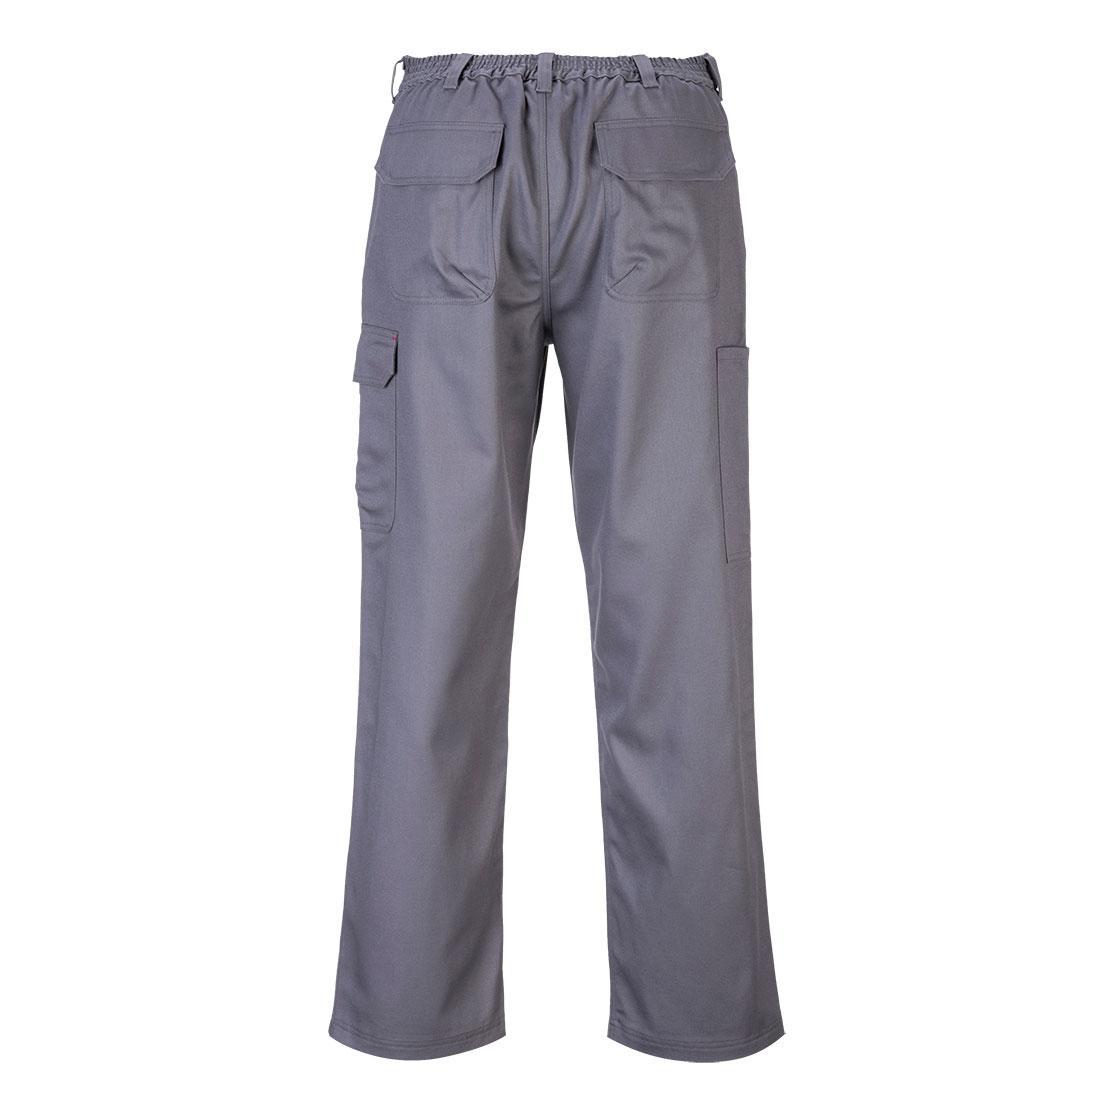 Bz31 portwest pantalon